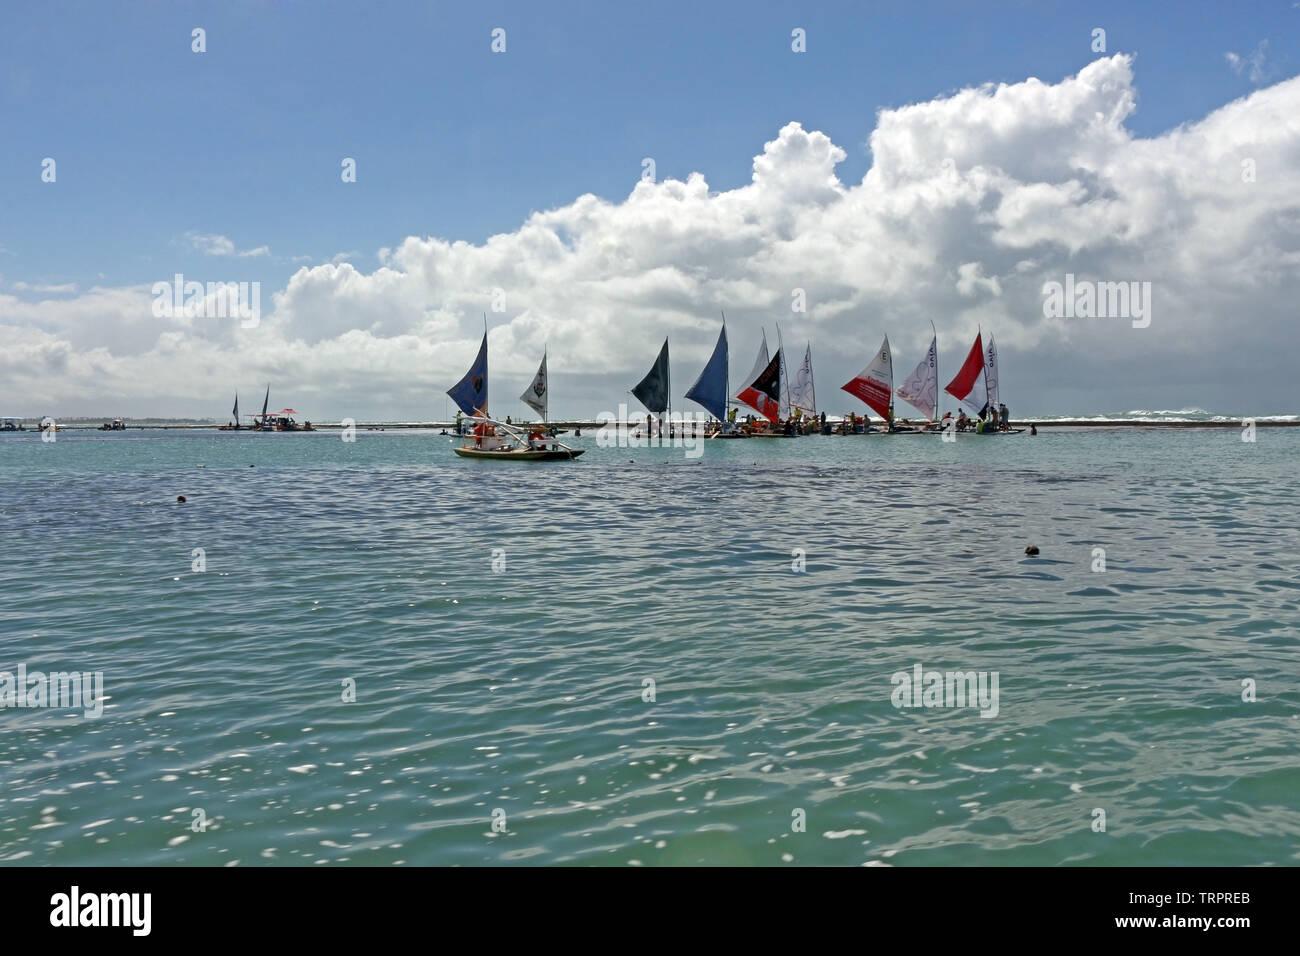 La spiaggia di Porto de Galinhas, in Ipojuca, nello stato di Pernambuco, Brasile, è famoso per le sue vele colorate che portano i turisti per le barriere coralline Immagini Stock